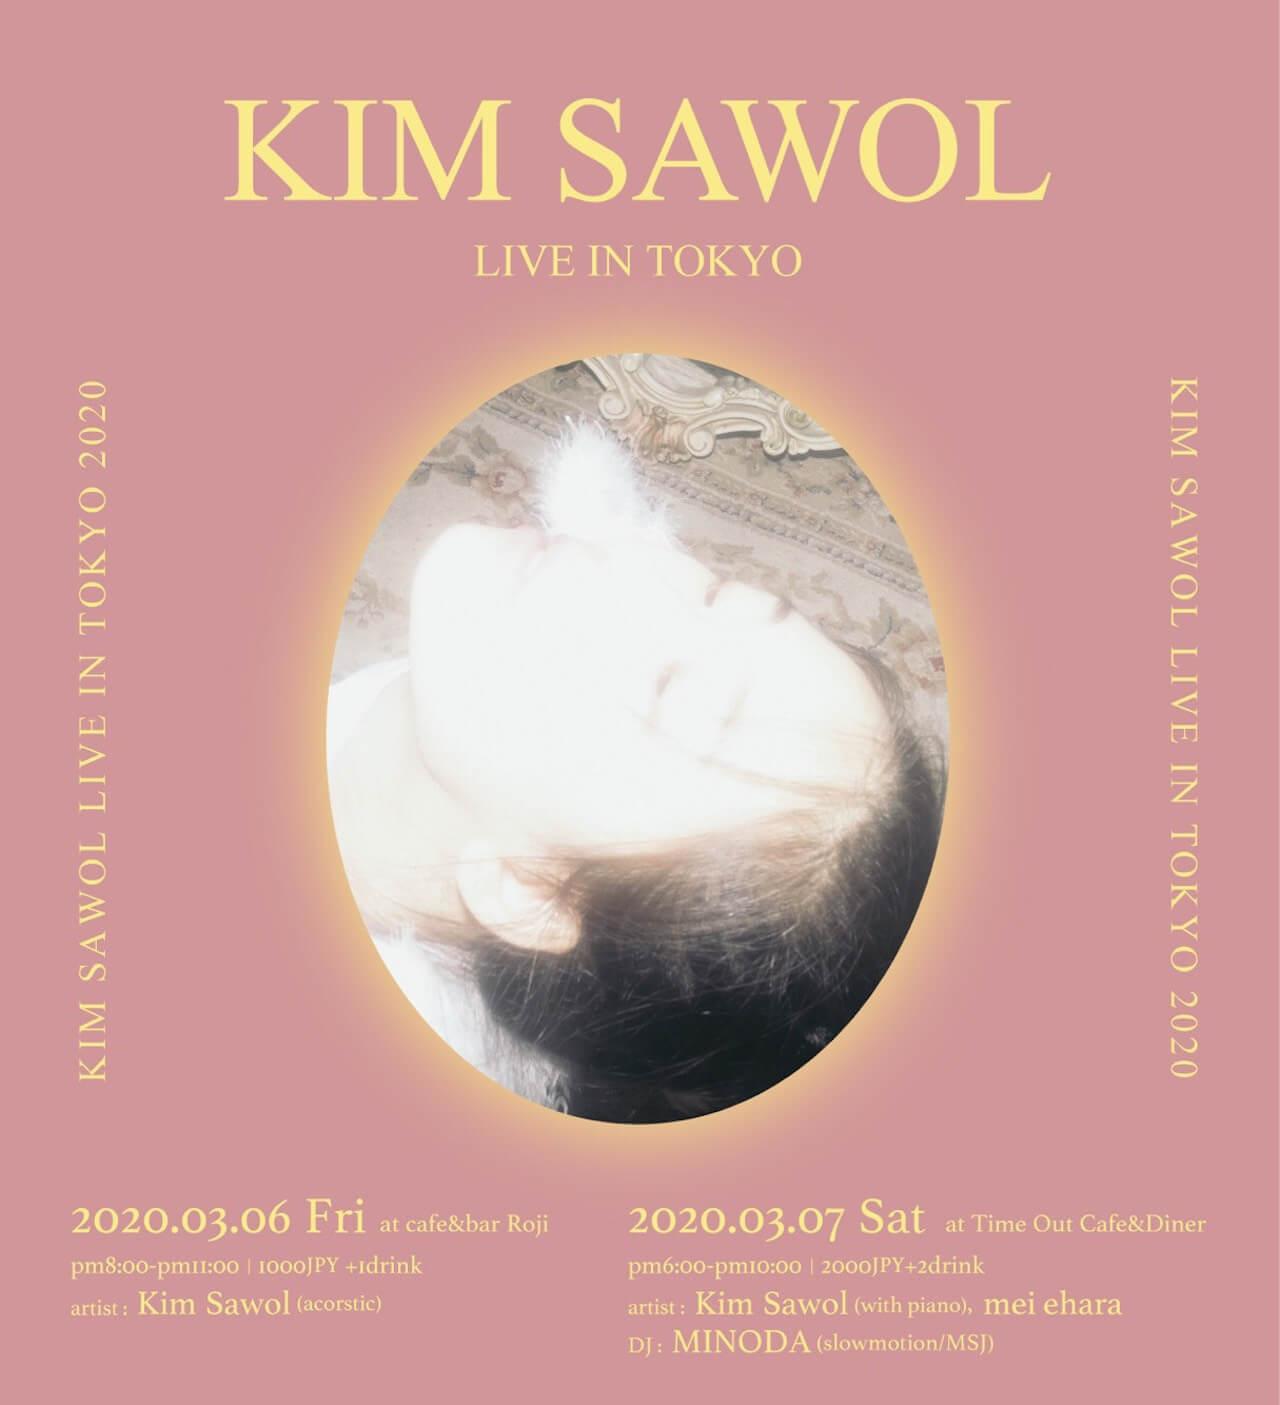 音楽に救われたかつての自分が聴きたかった音楽を──キム・サウォルが歌詞にこだわる理由 interview-kimsawol-3-1